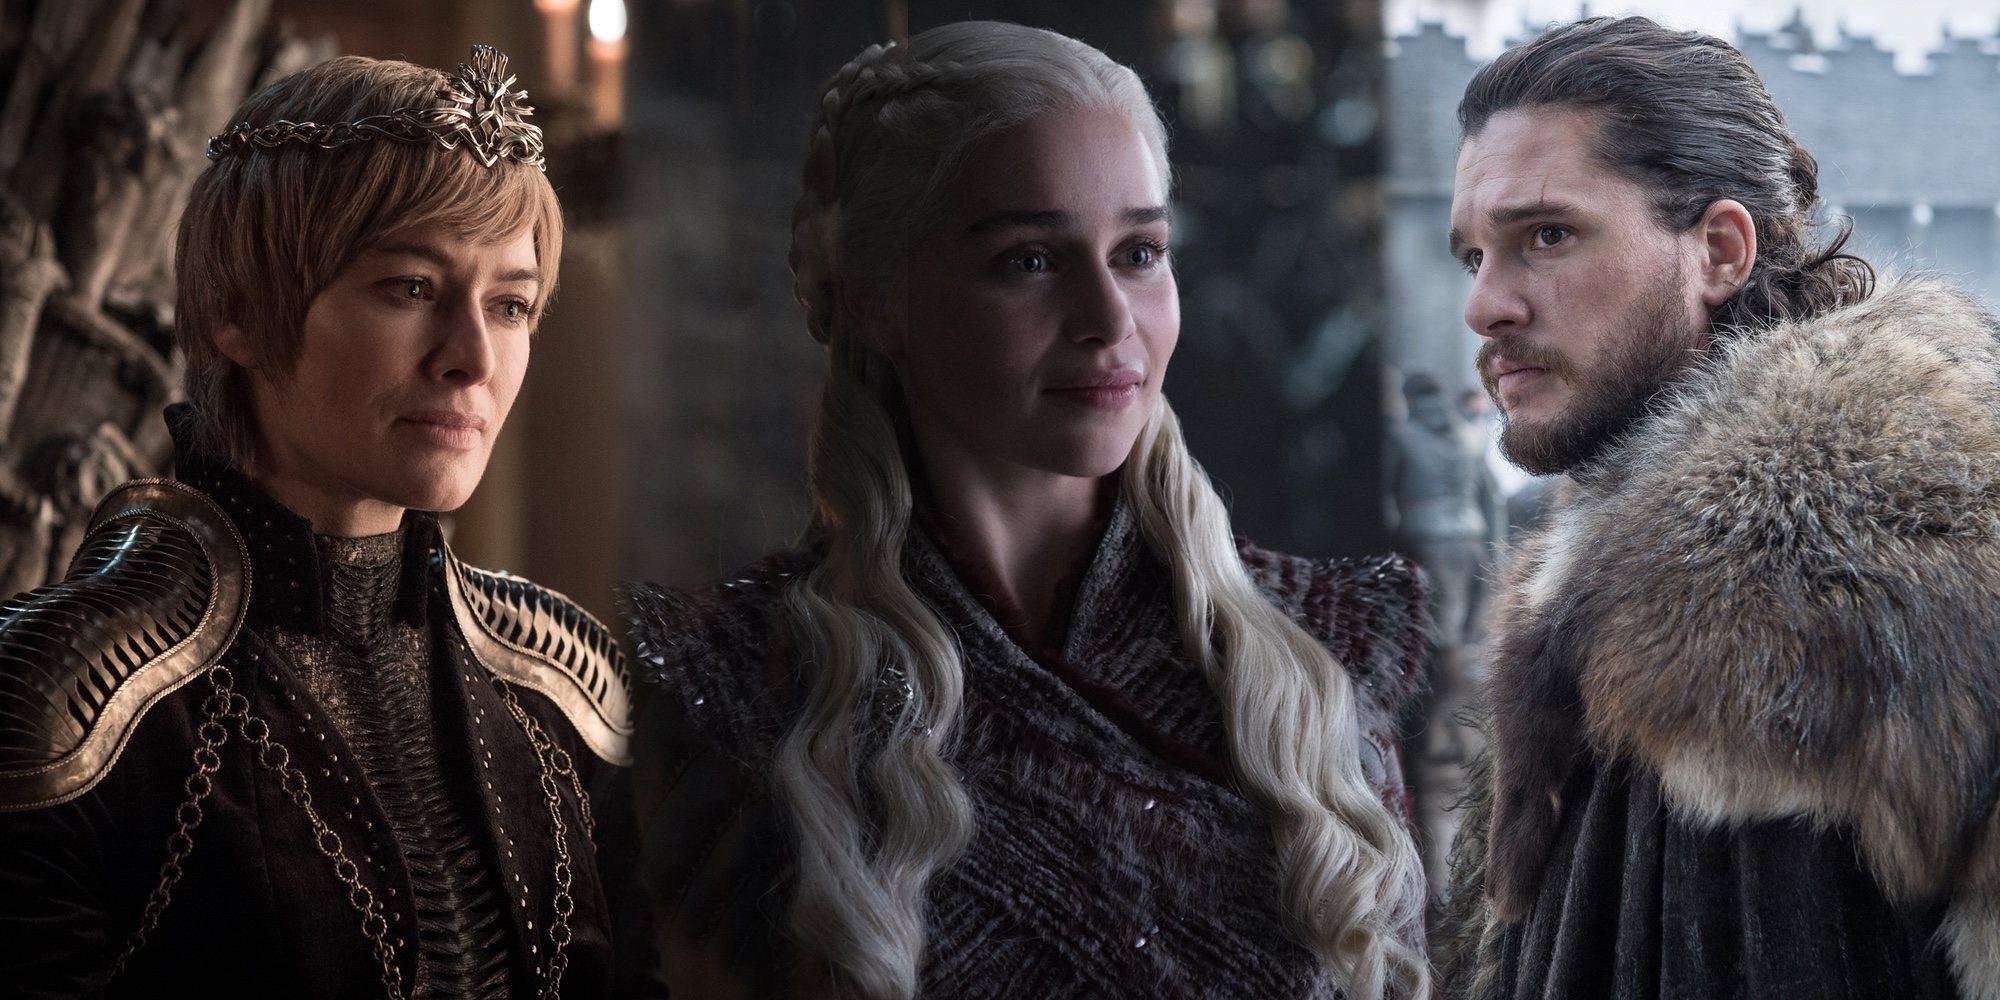 Los supervivientes de 'Juego de Tronos' protagonizan las nuevas imágenes de la octava y última temporada de la serie